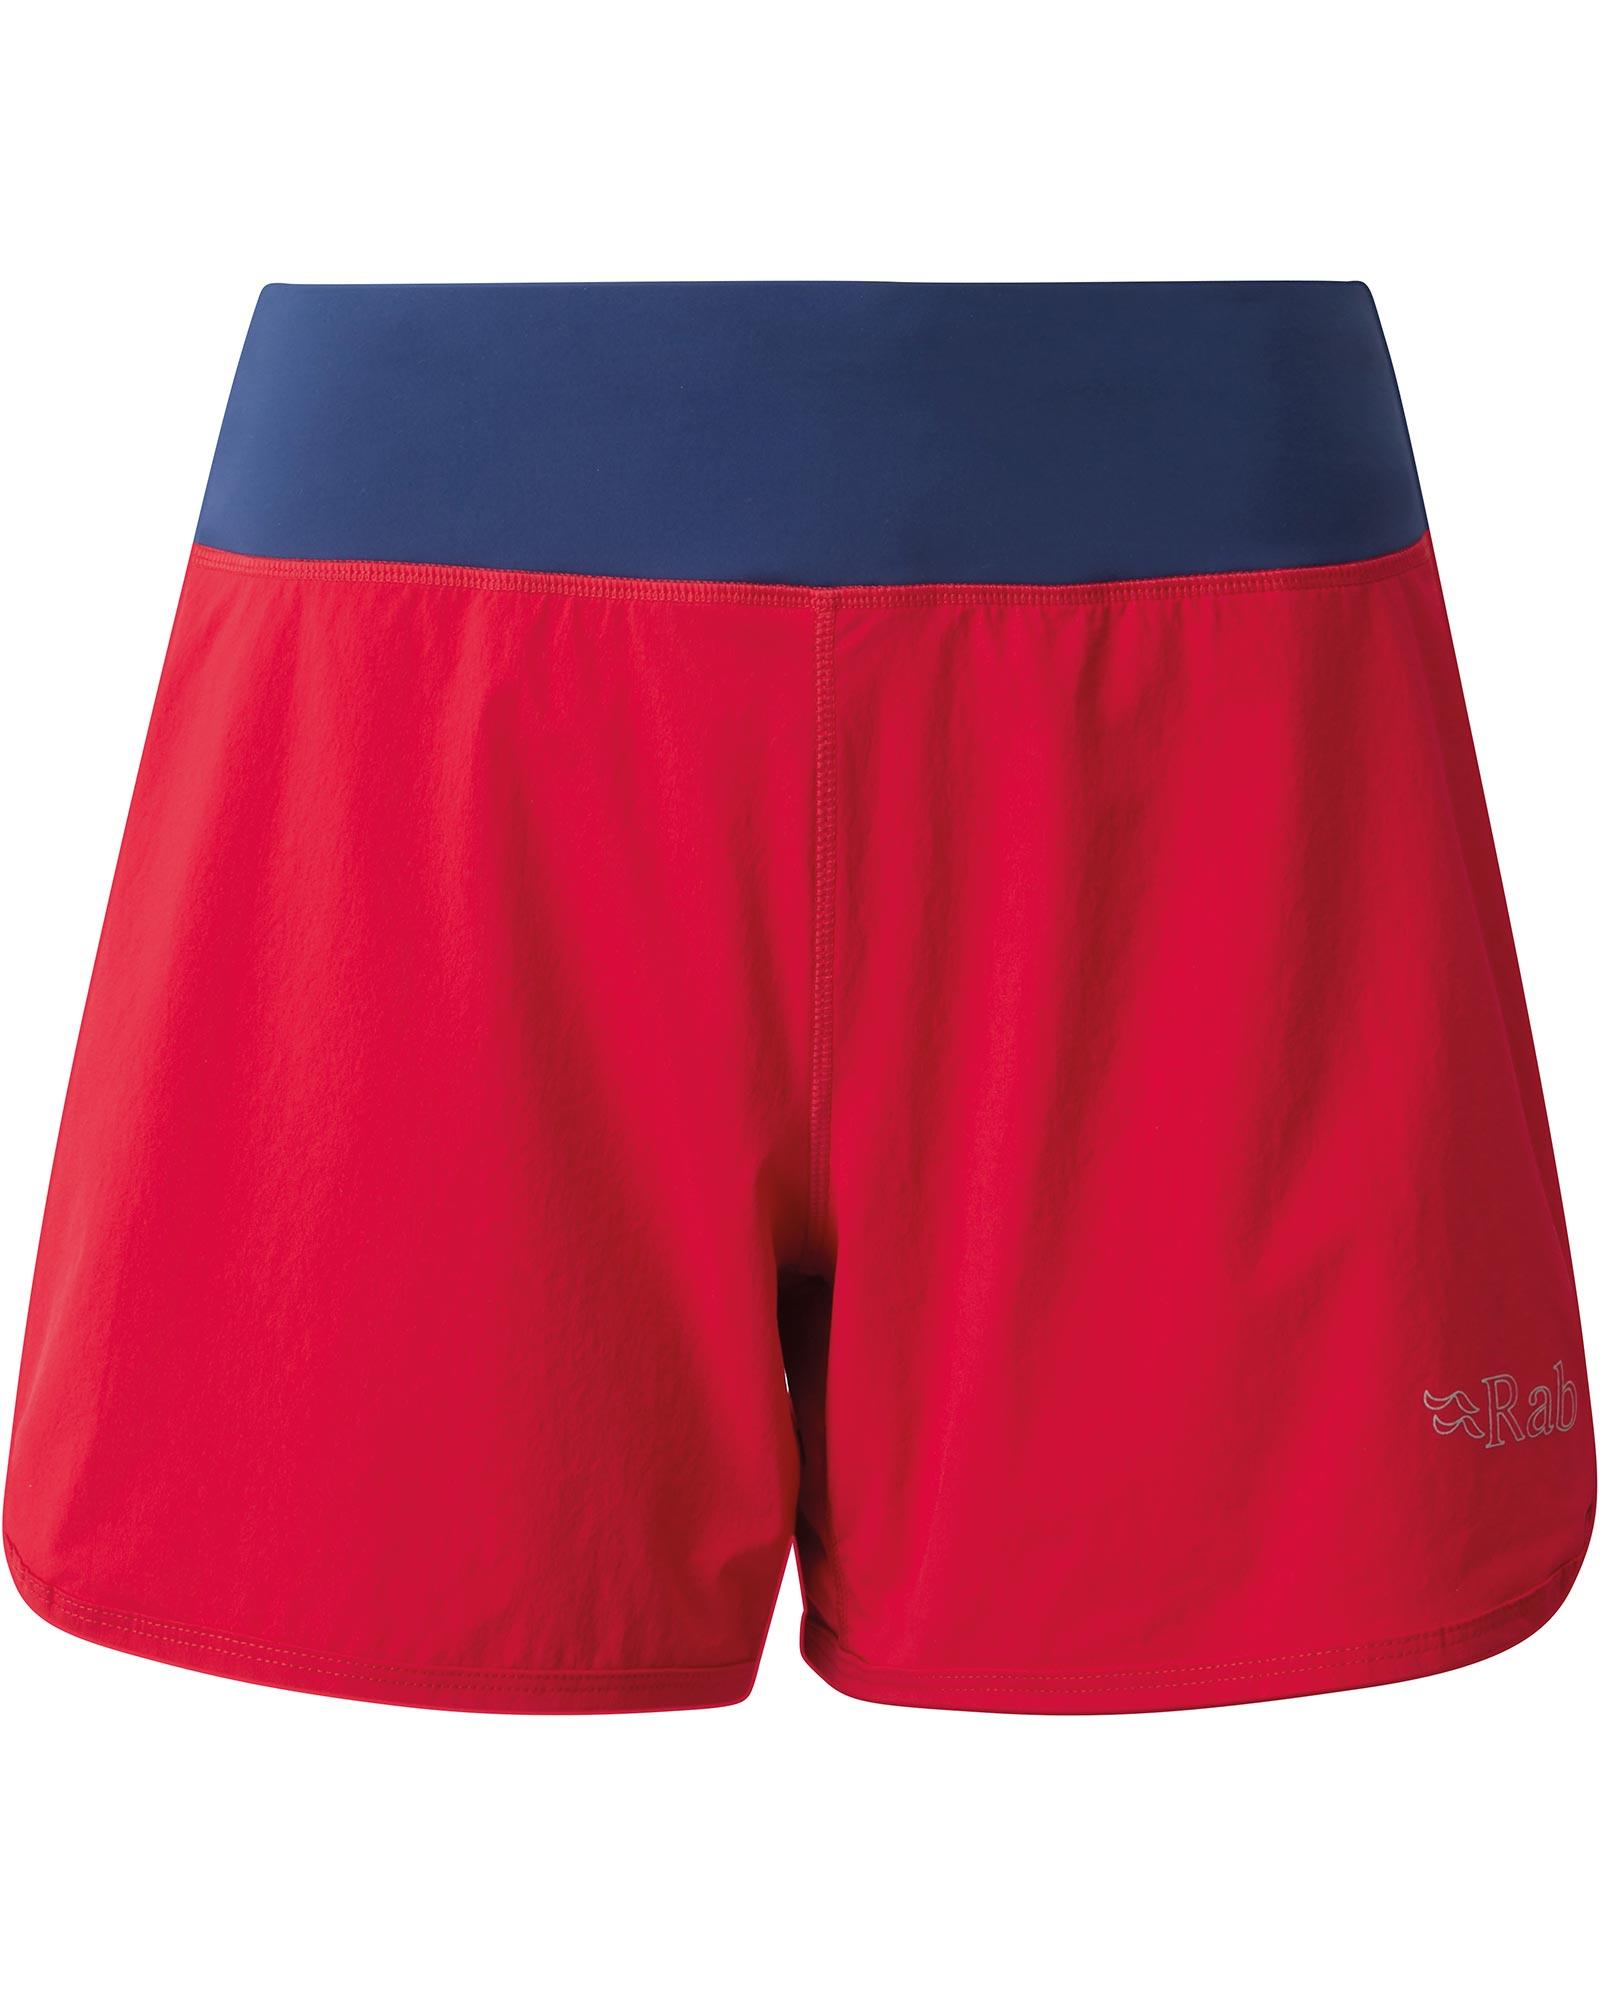 Rab Women's Momentum Shorts 0